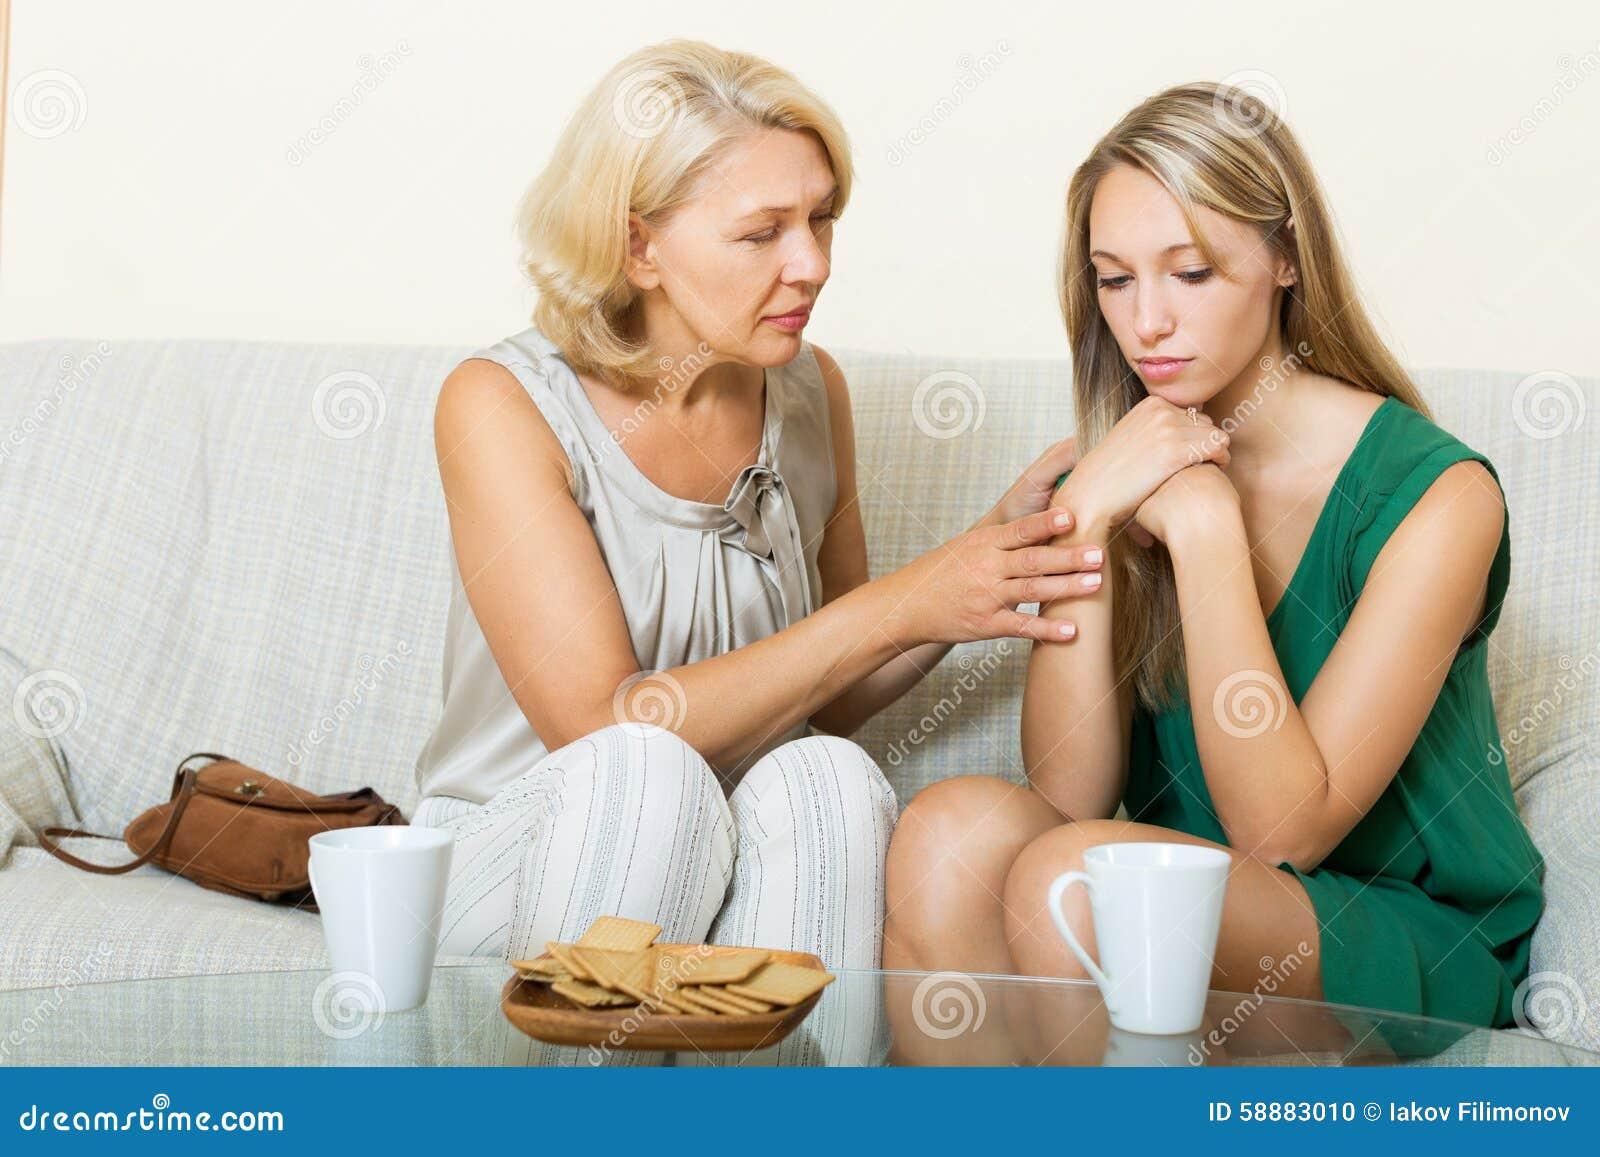 Porn Comforting Moms 84